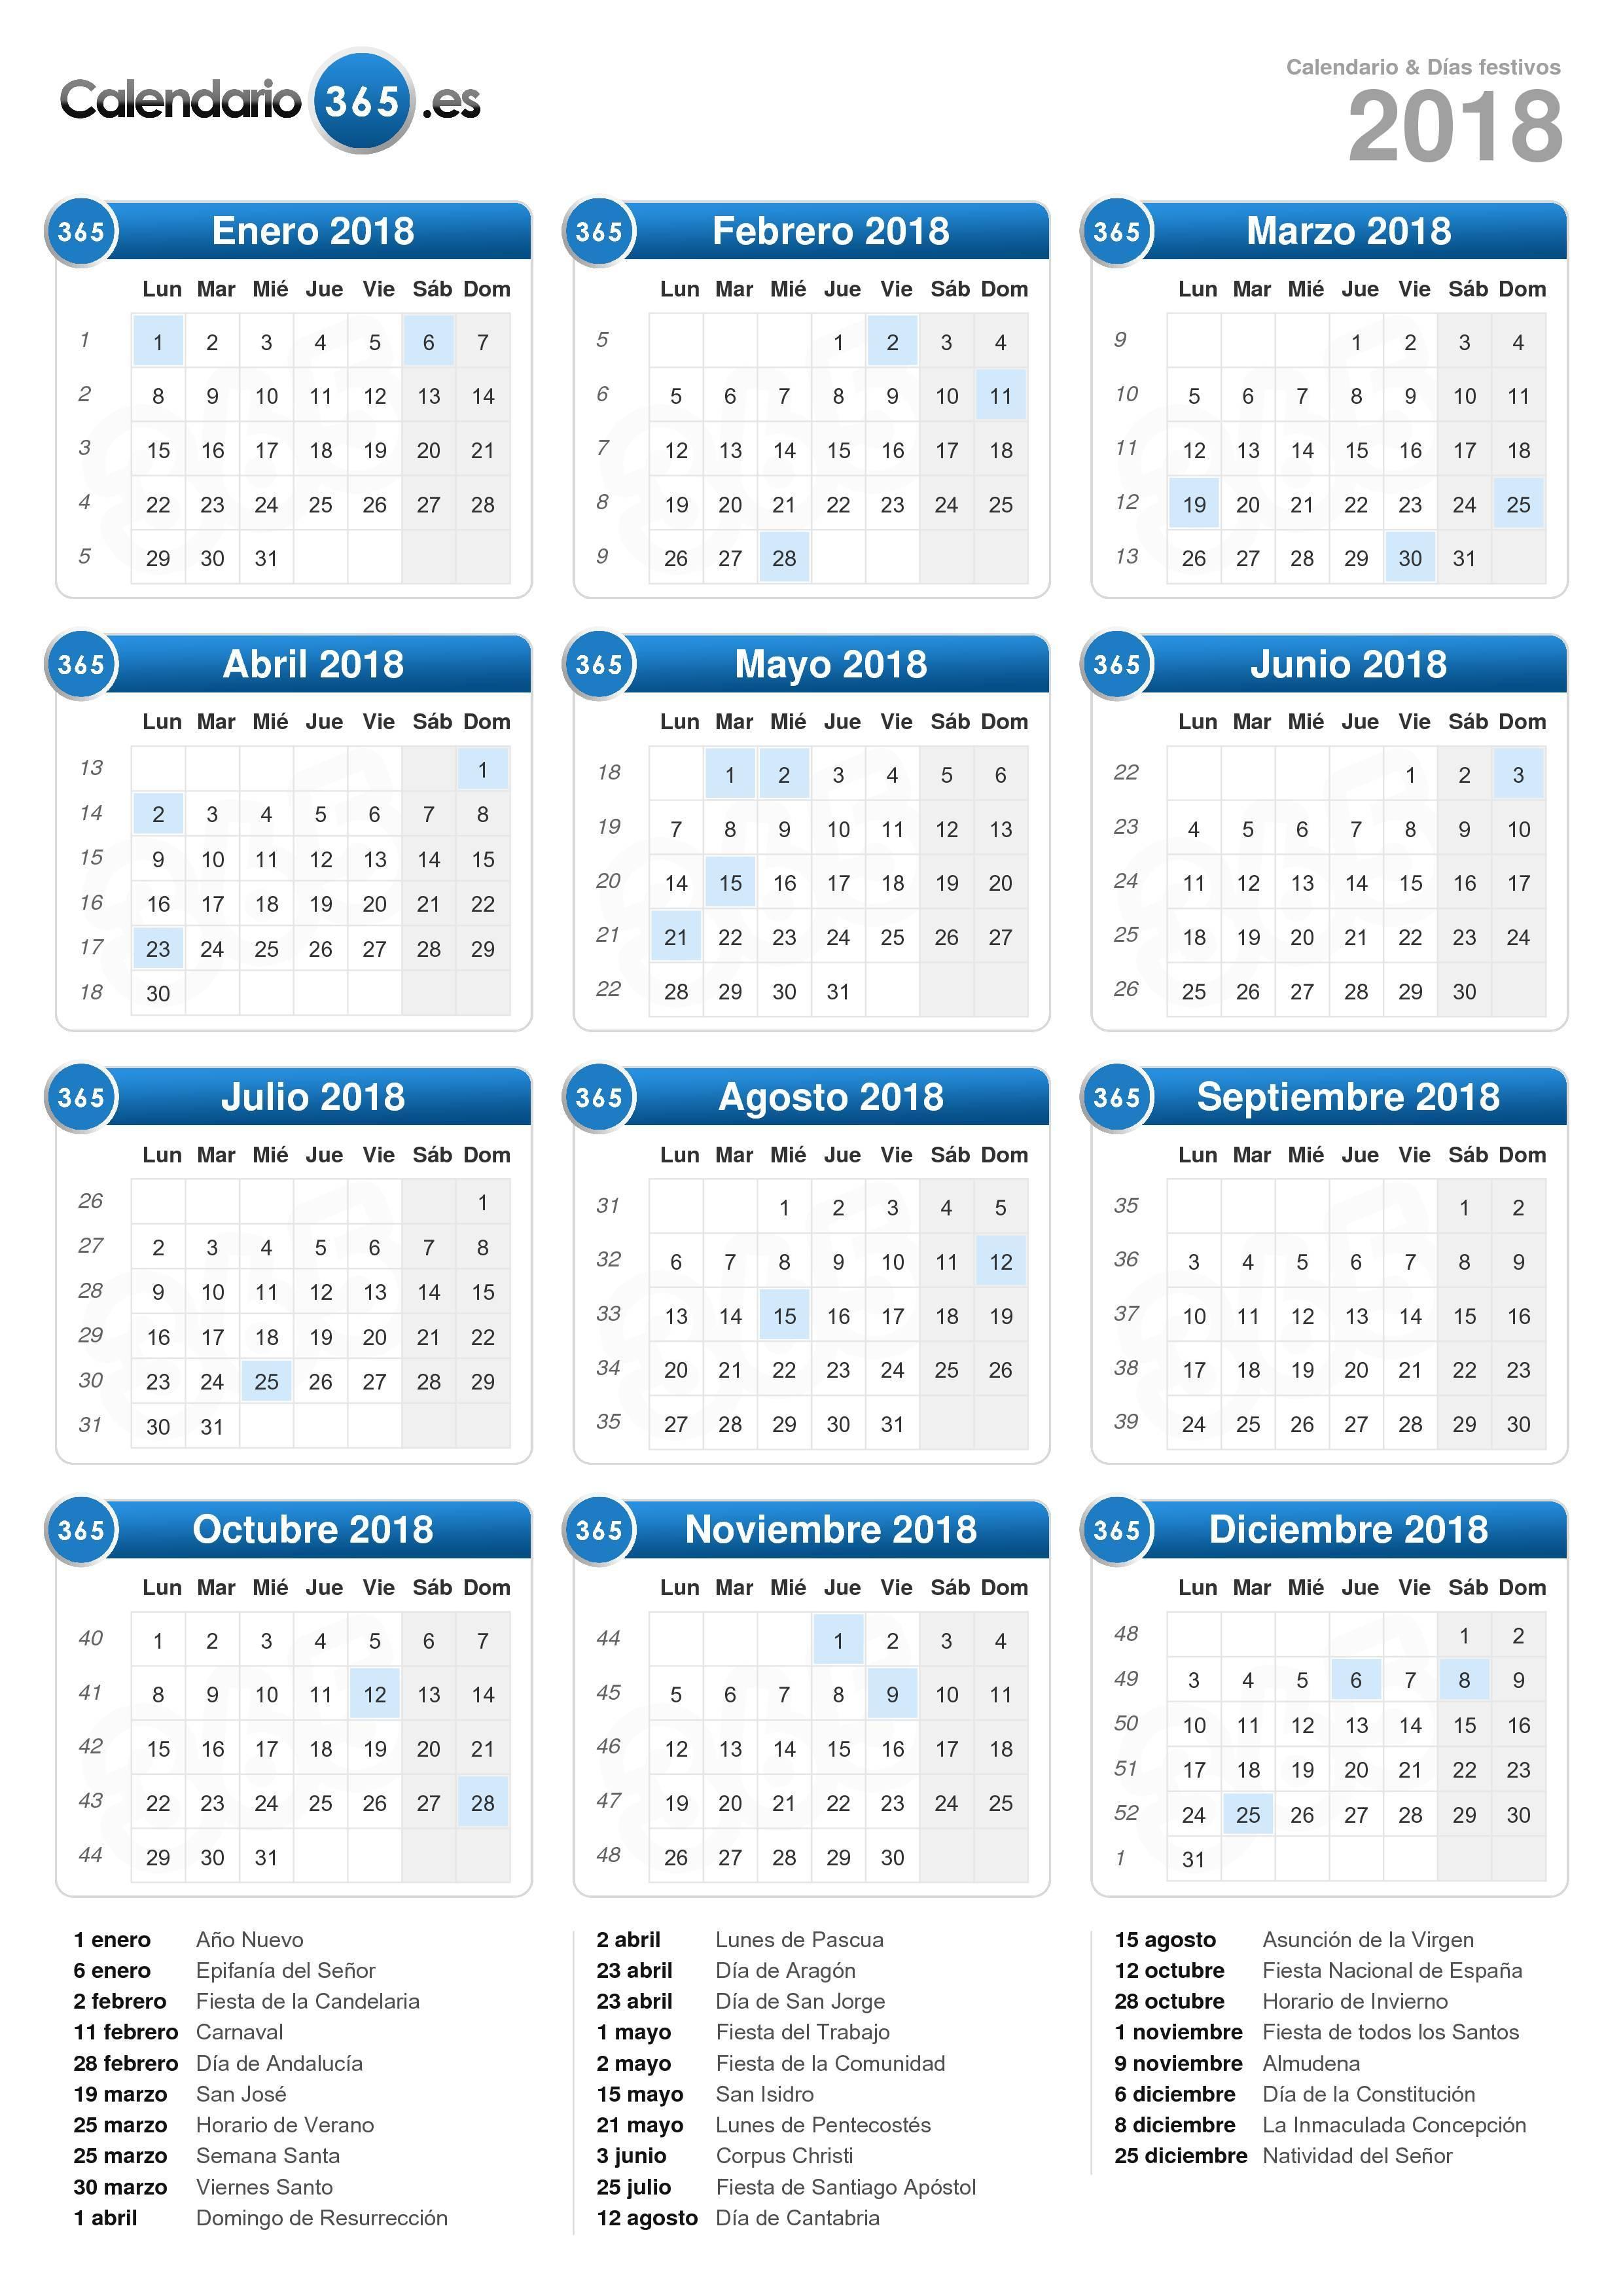 Calendario 2018 para imprimir iCalendario.net